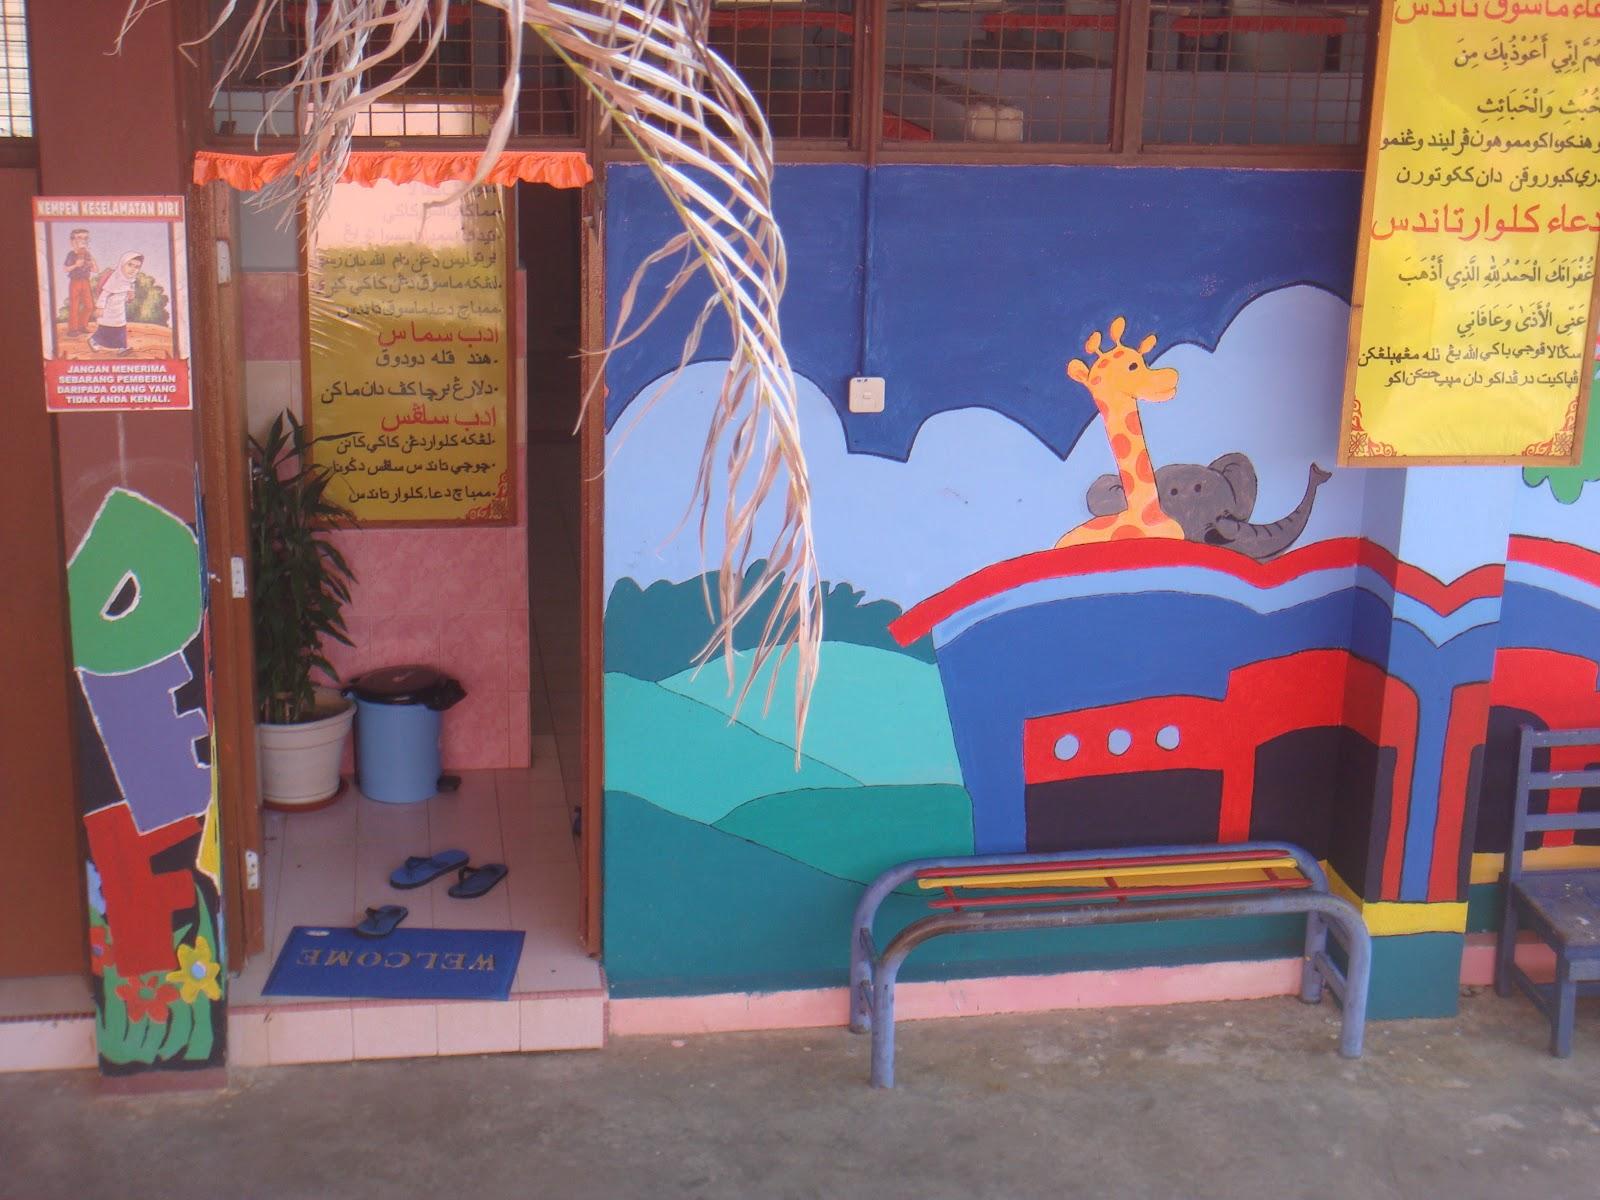 Dunia seni visual dan aku mural sekolah for Mural sekolah rendah